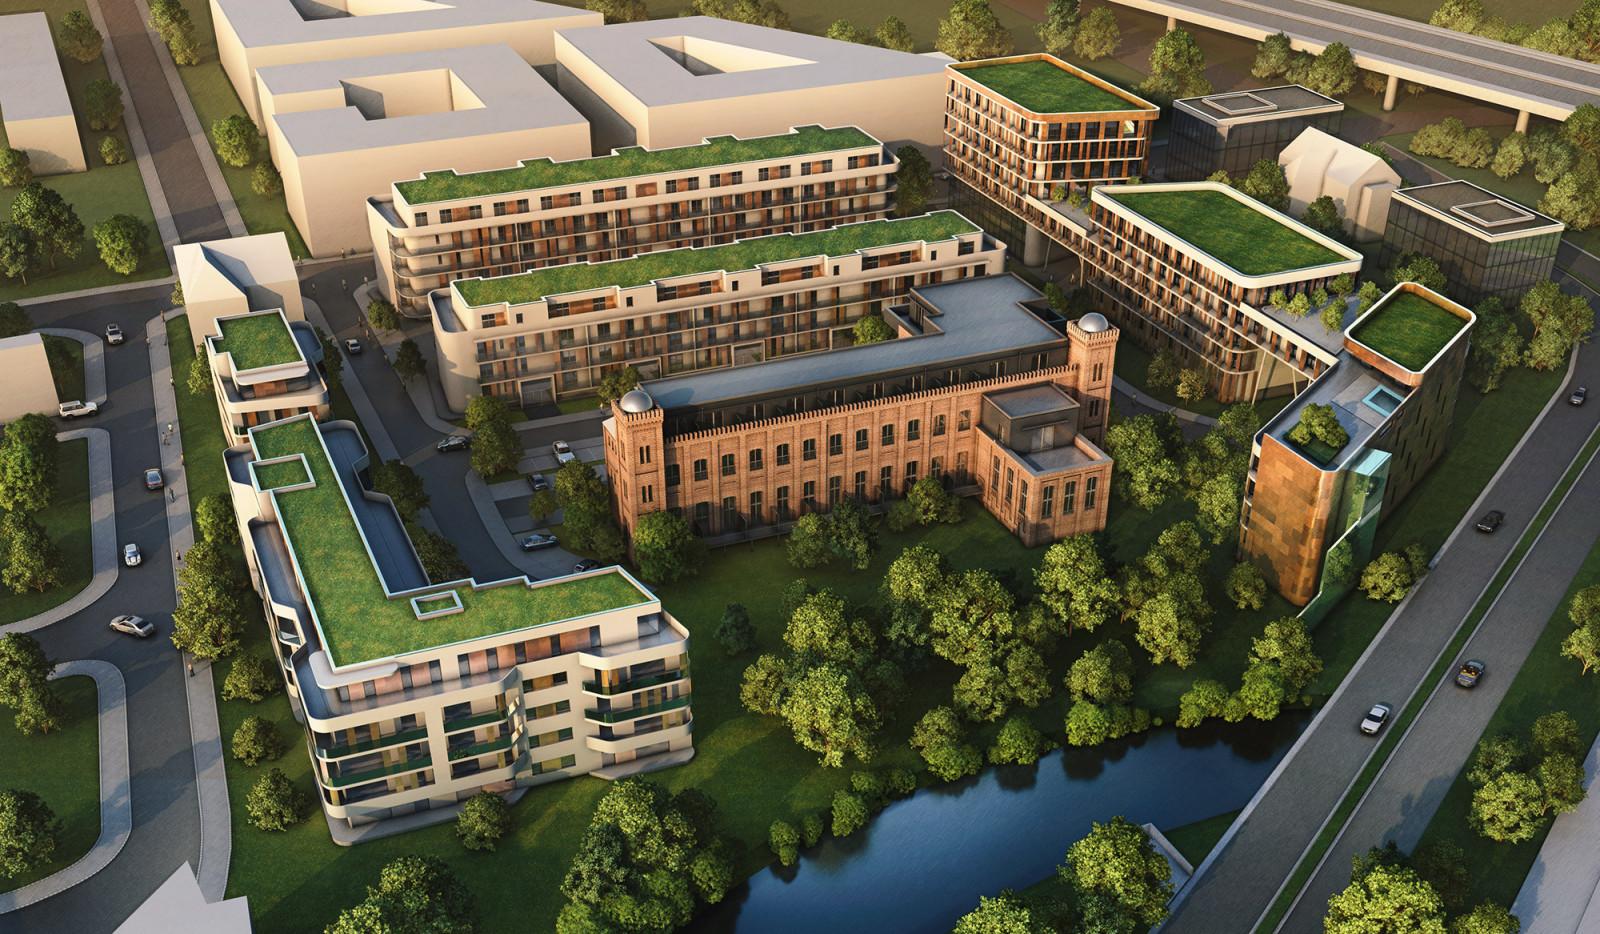 Wettbewerb Campus in Potsdam - Topview - Architekturvisualisierung  Aussen